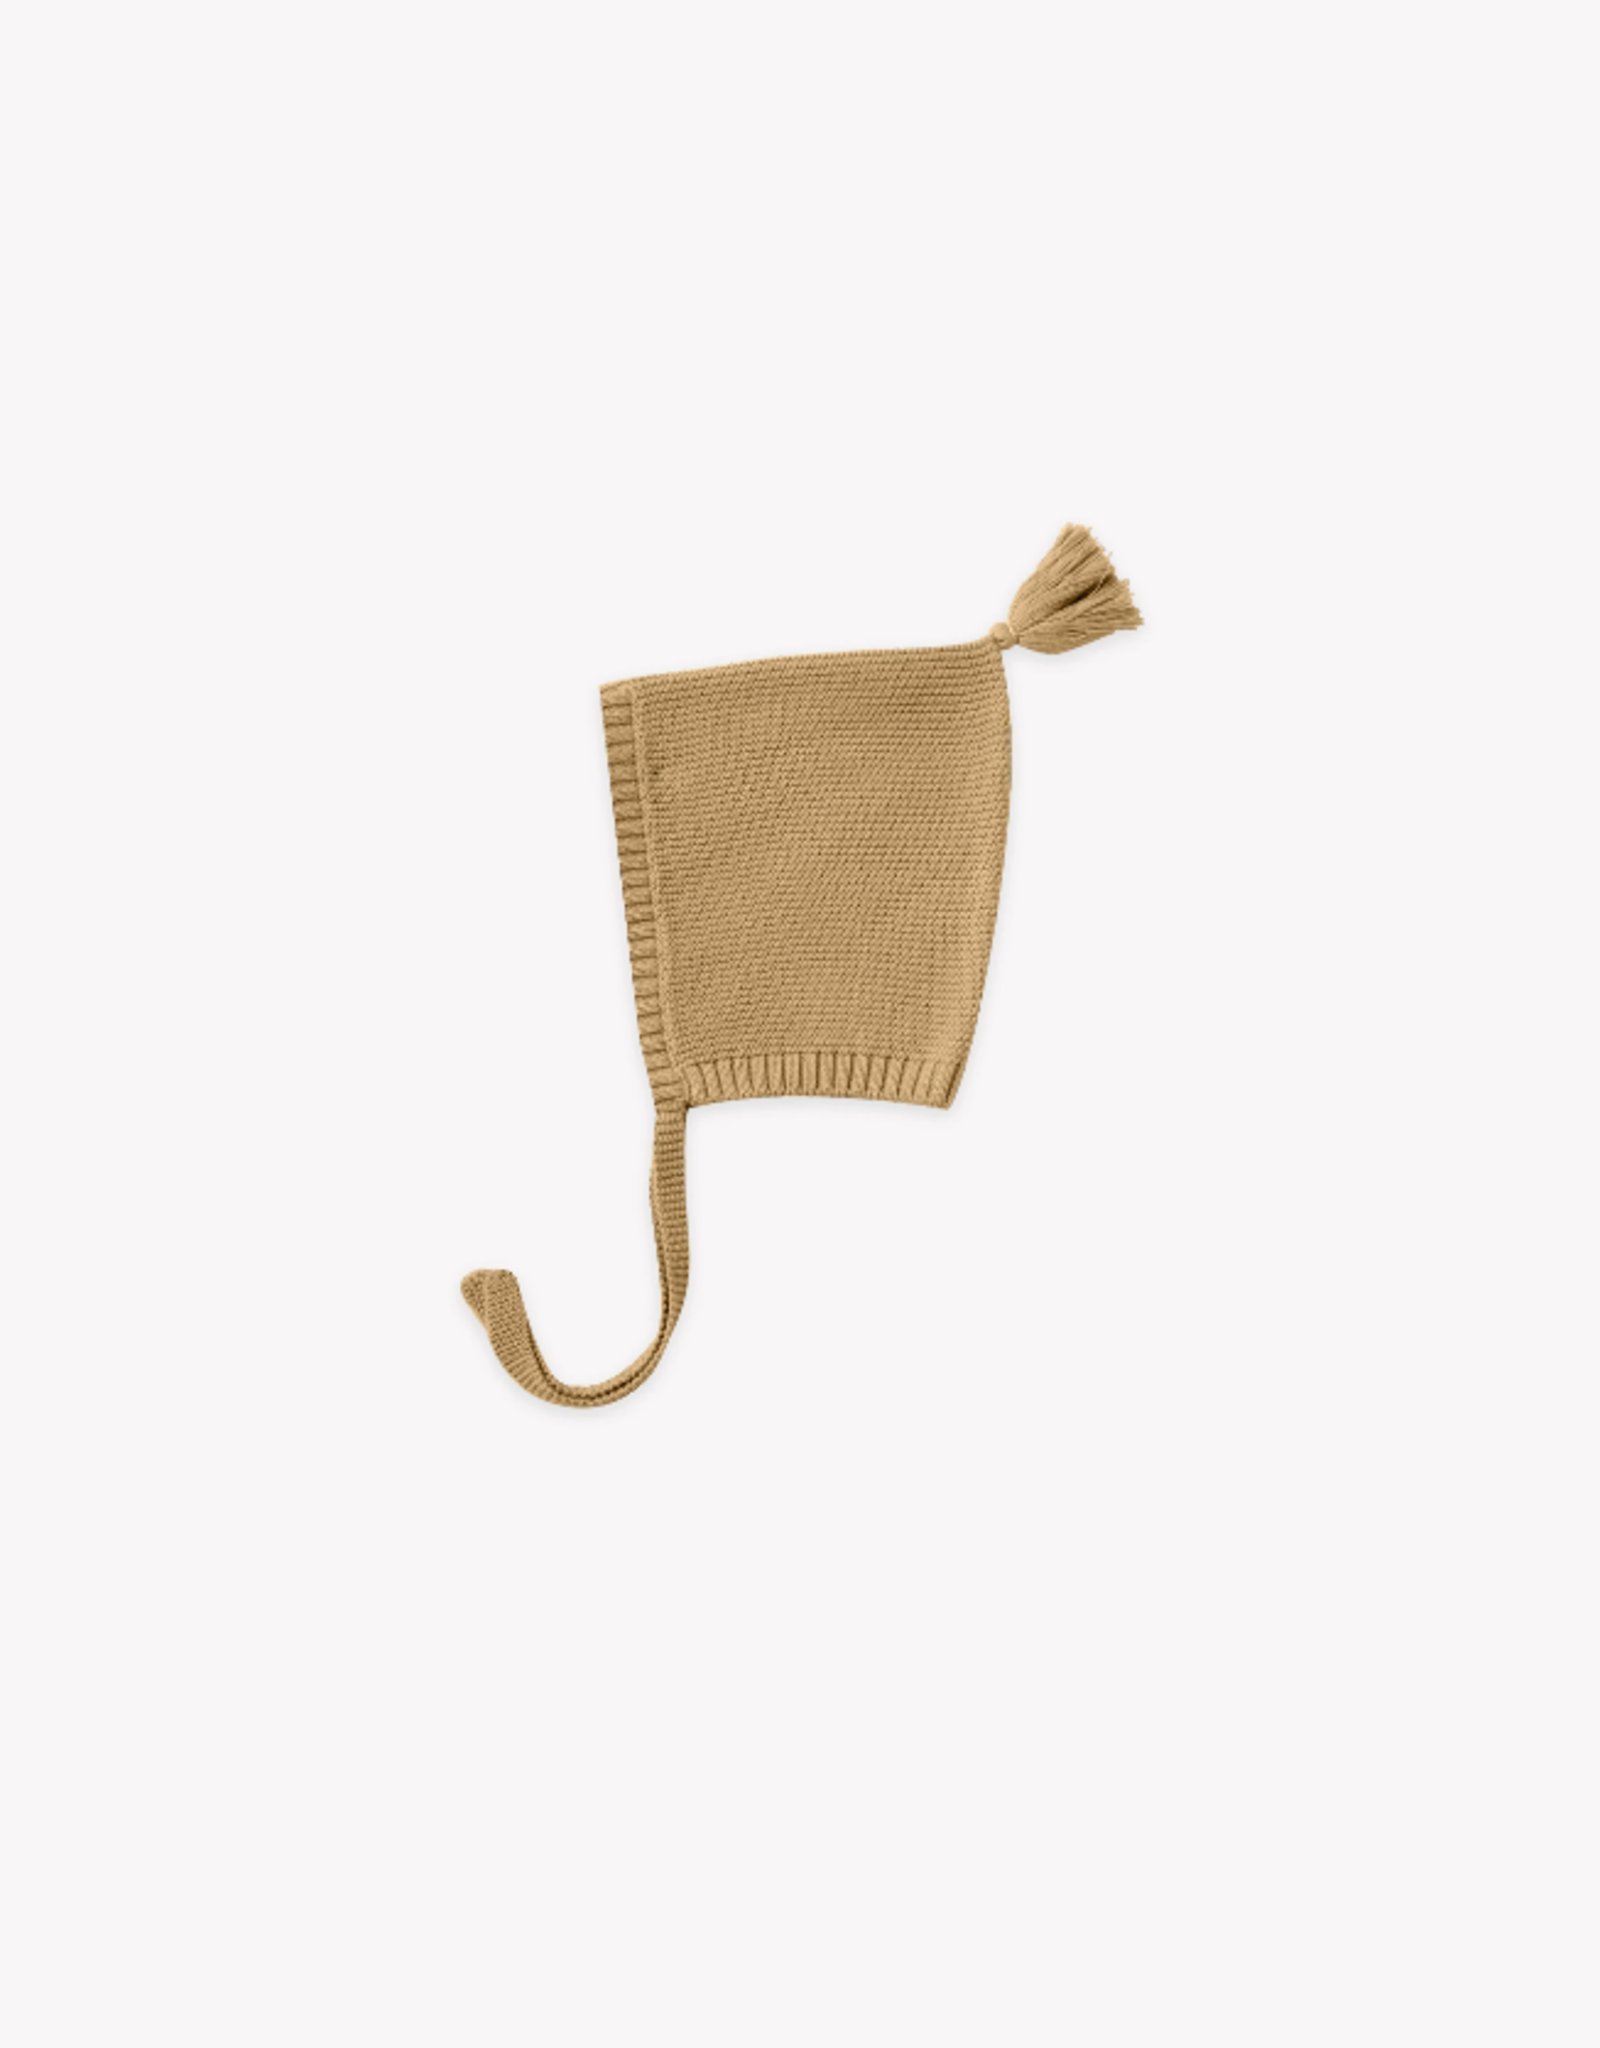 Quincy Mae Quincy Mae - Knit Pixie Bonnet